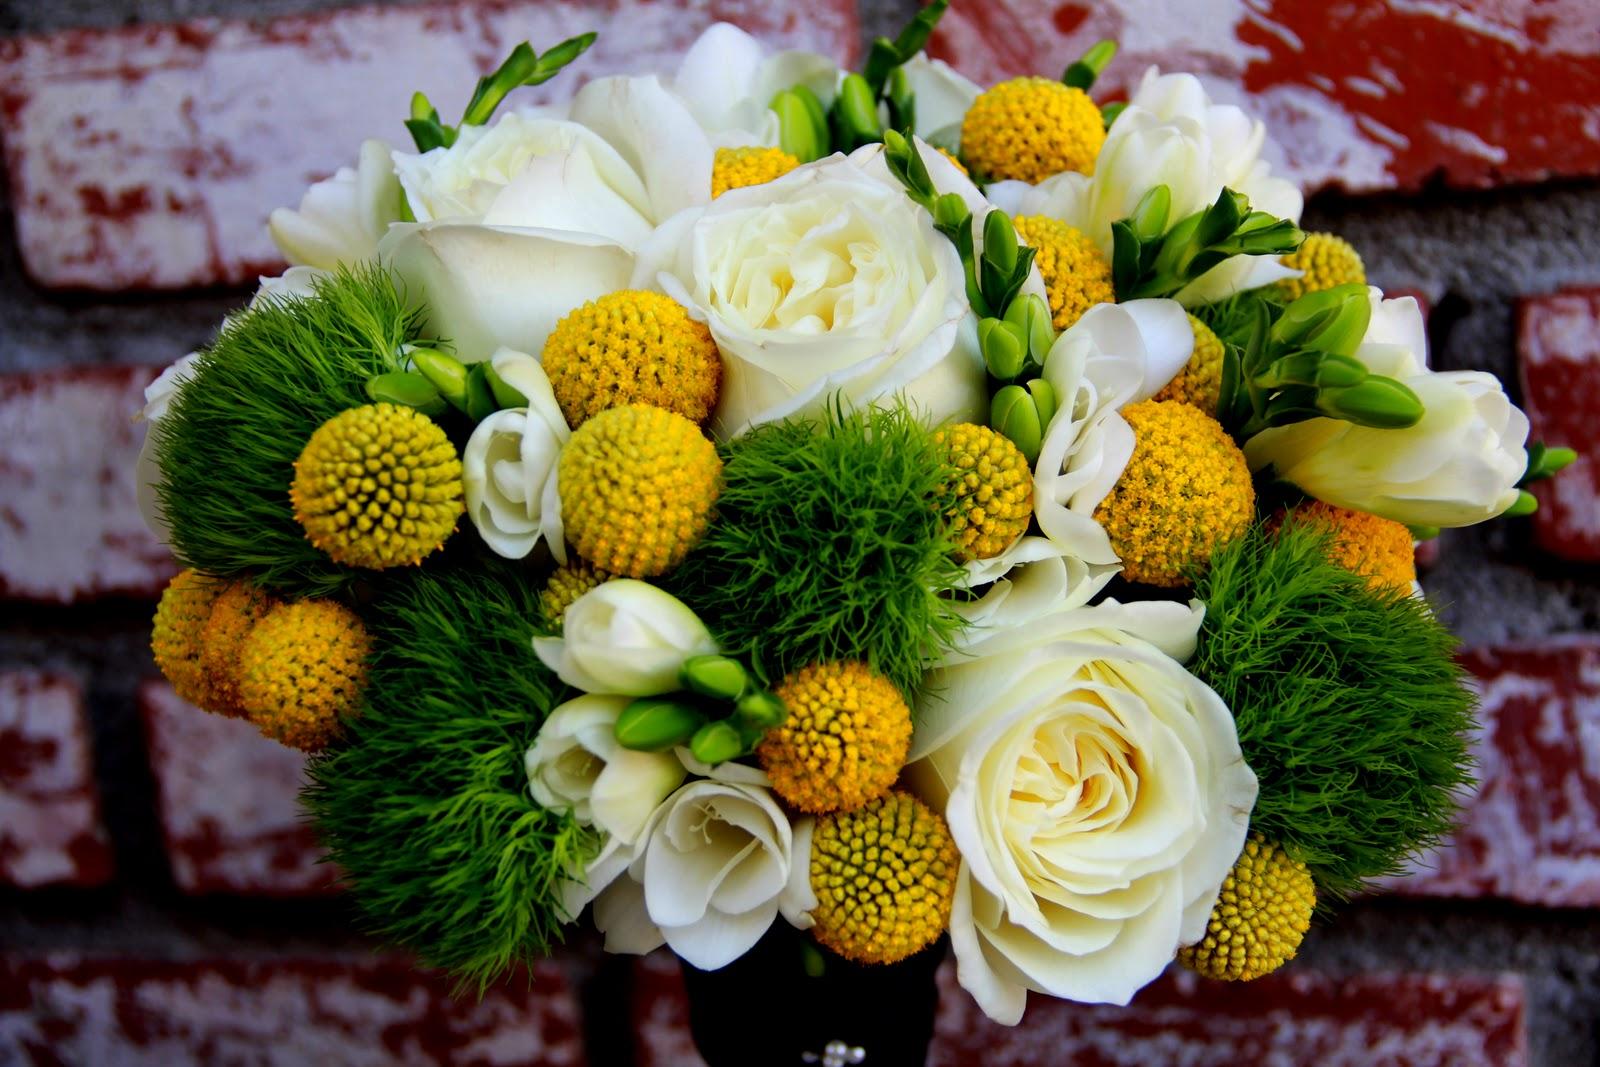 Green flowers for bouquets 38 free hd wallpaper hdflowerwallpaper green flowers for bouquets hd wallpaper mightylinksfo